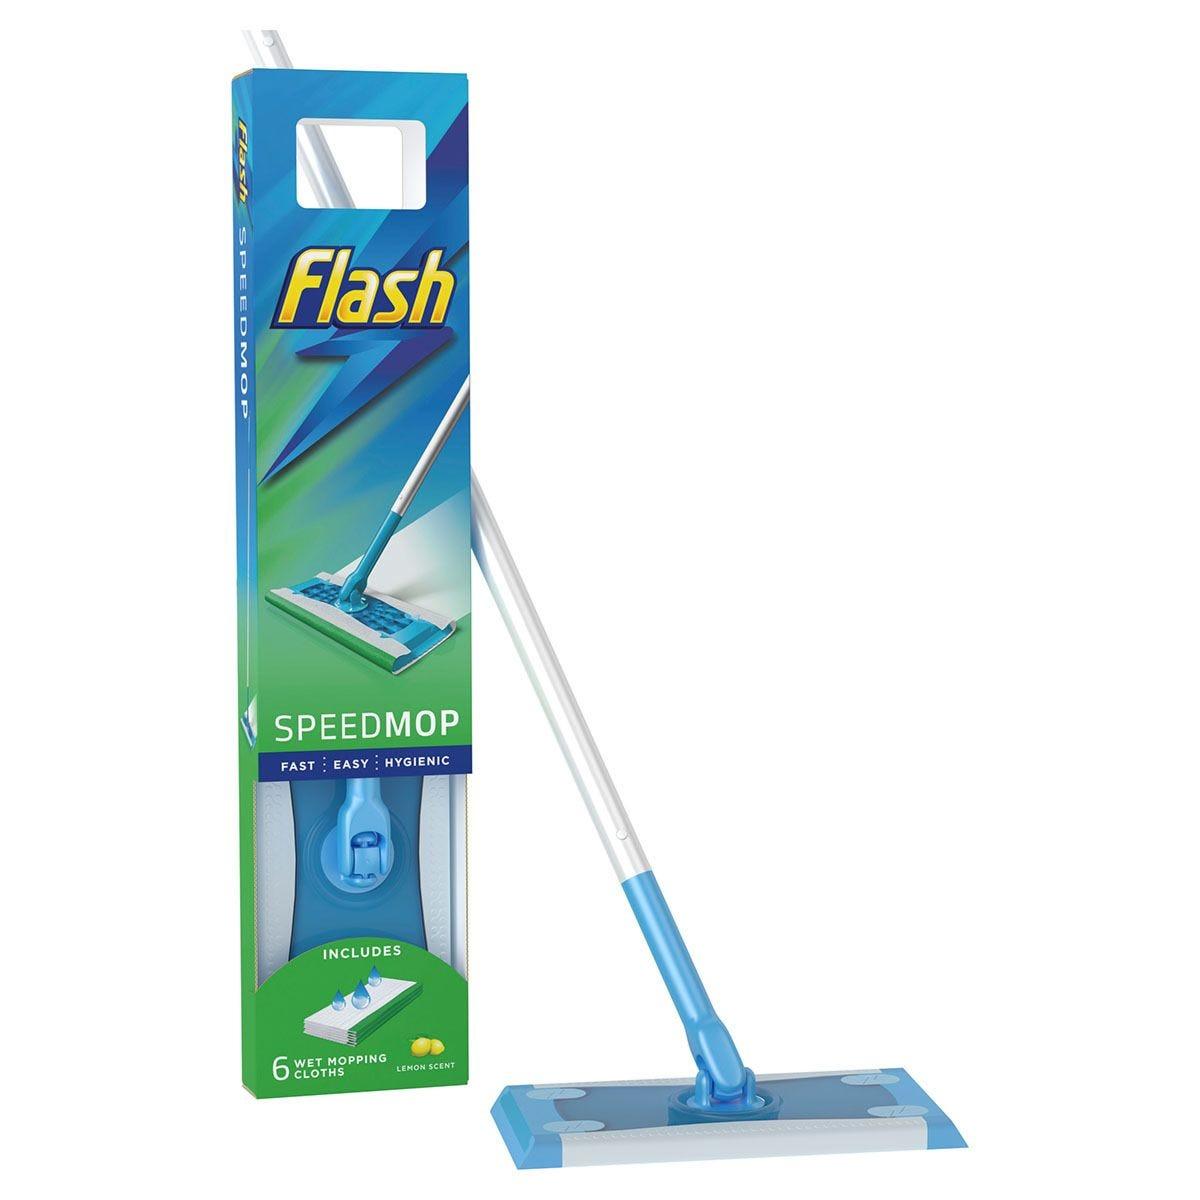 Flash SpeedMop Starter Kit + 6 Pads